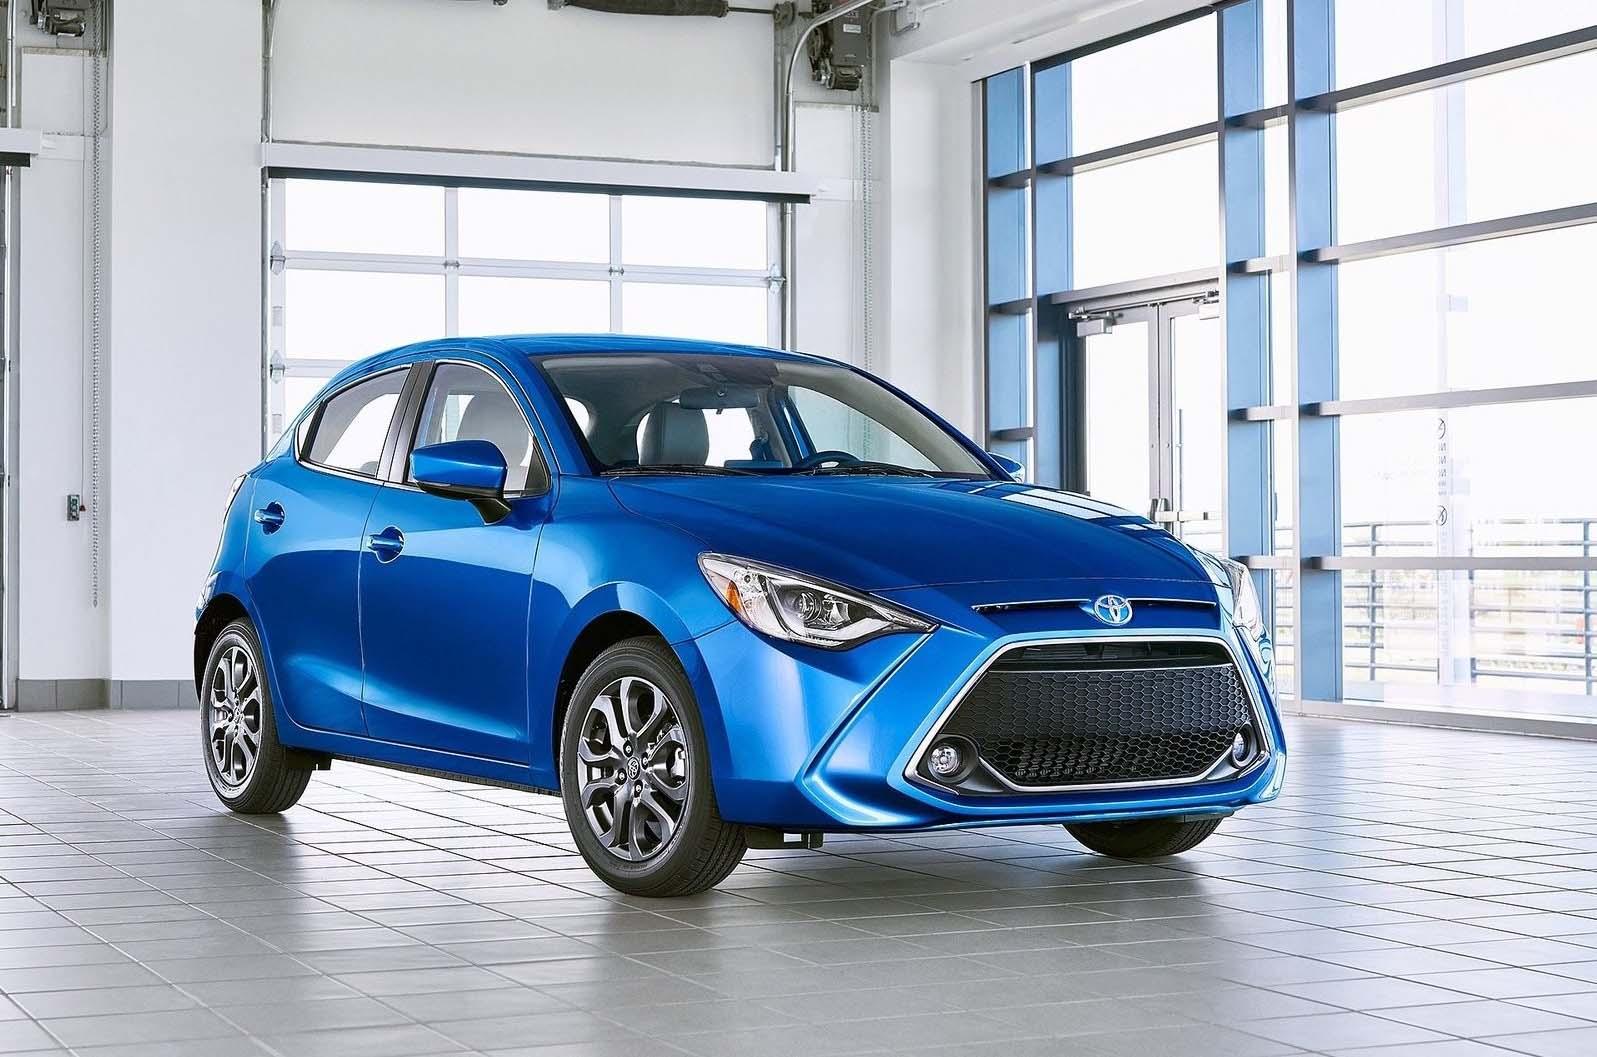 El Toyota Yaris Hatchback 2020 será presentado en el Auto Show de Nueva York